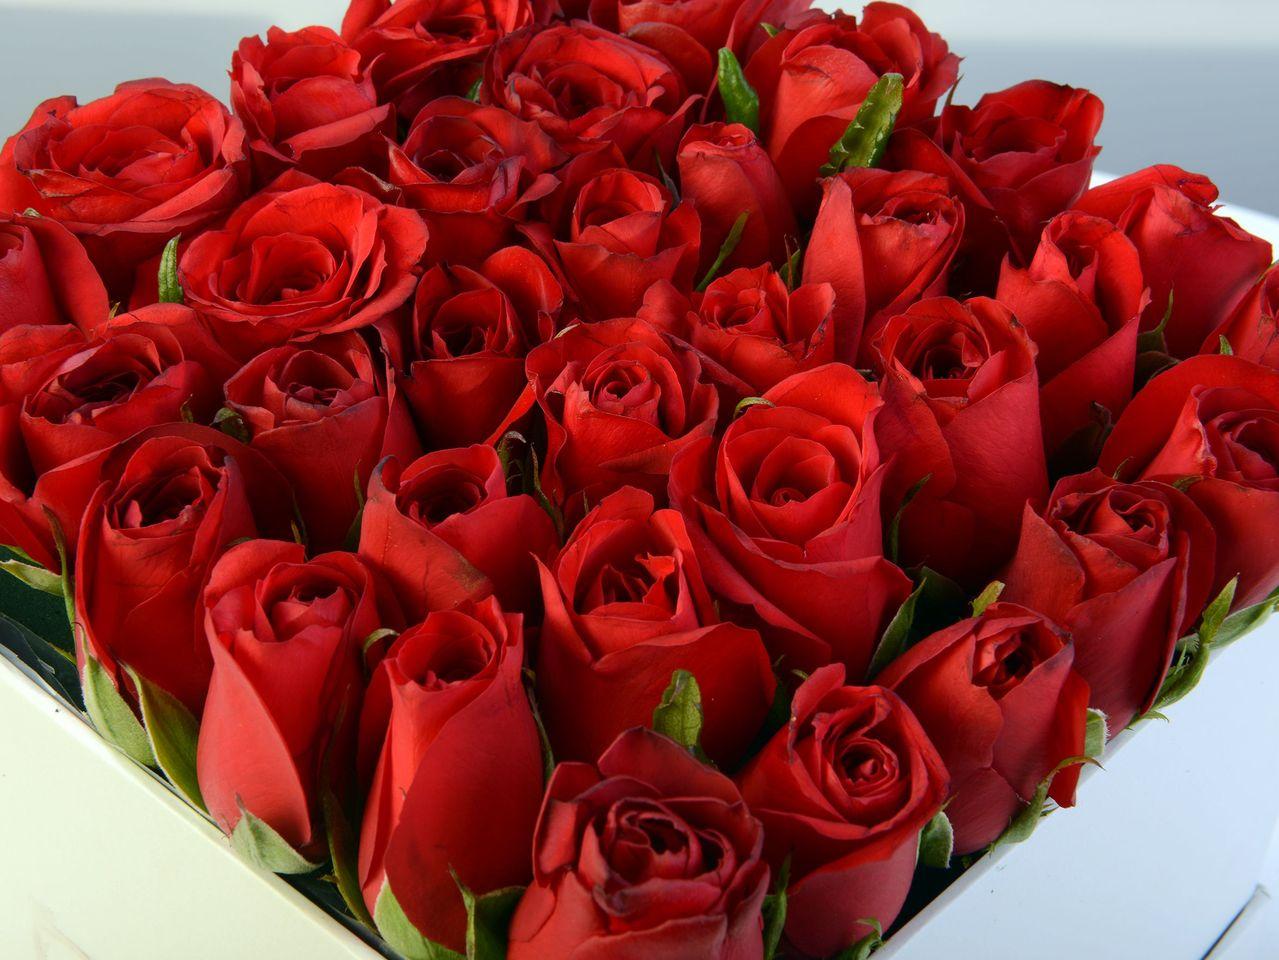 Sevda Şarkısı Kırmızı Güller Kutuda Aranjmanlar çiçek gönder